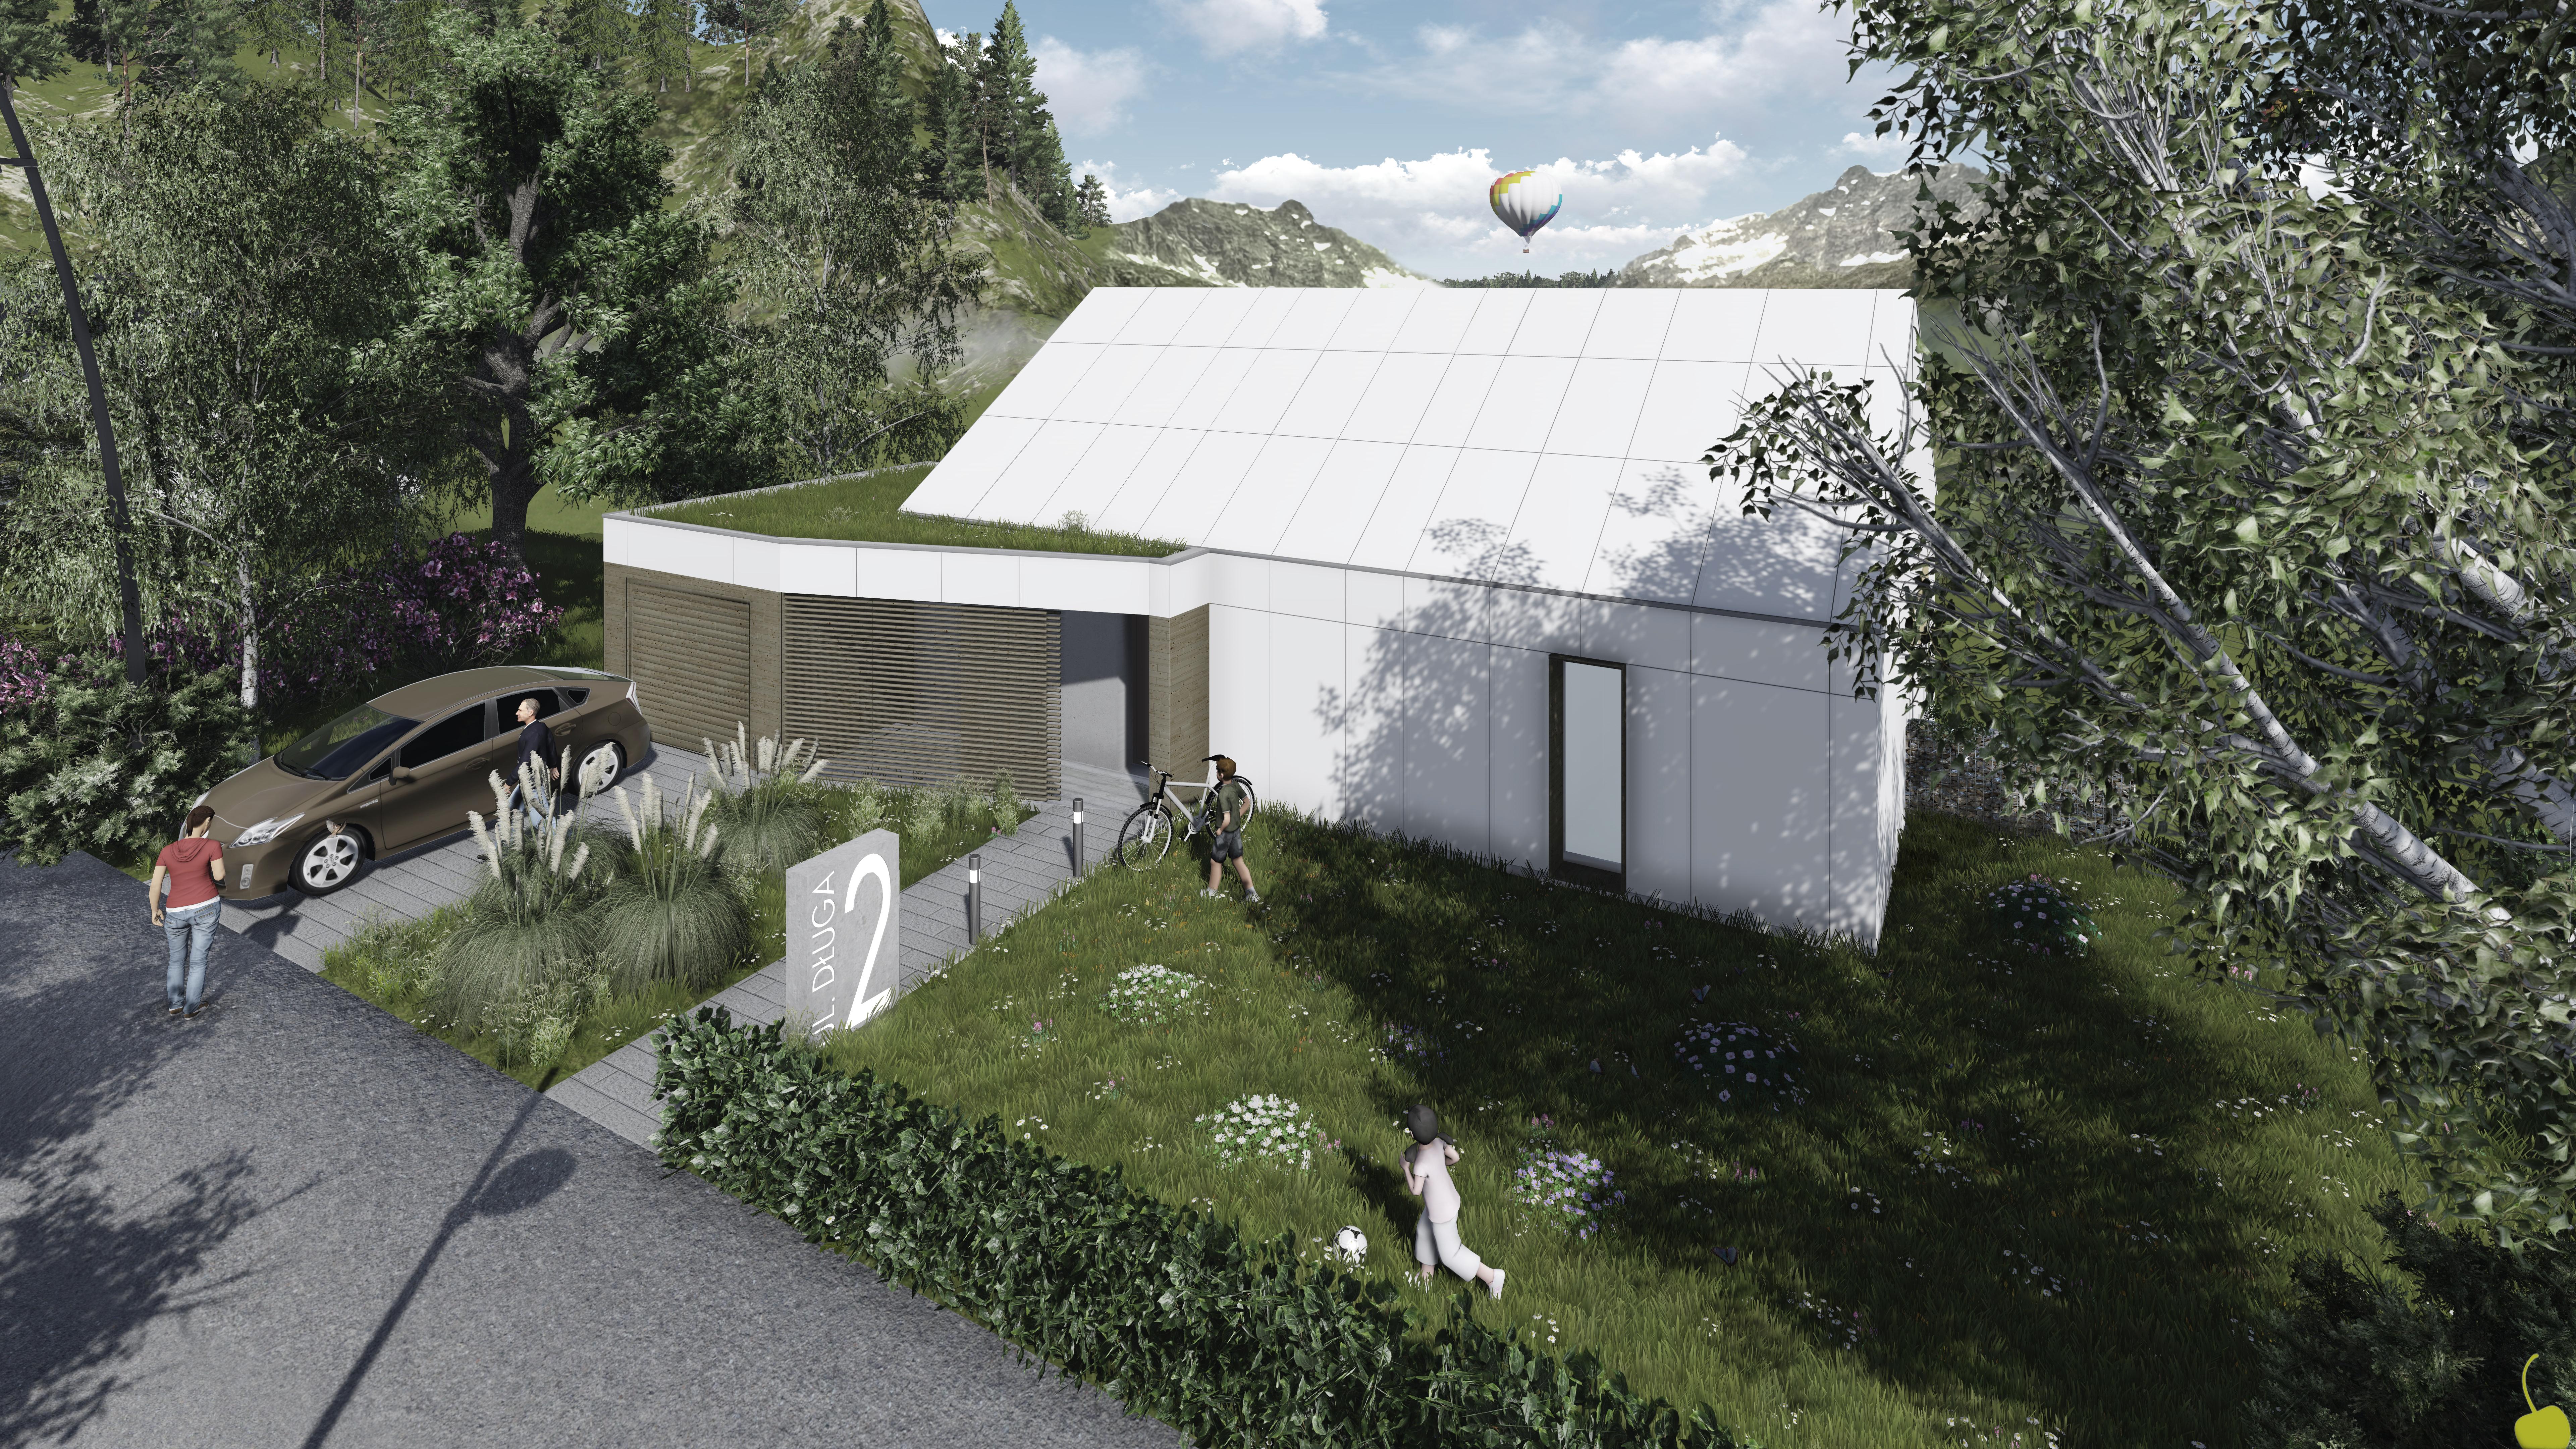 Projekt domu pasywnego DAS HAUS III Domy Czystej Energii widok od frontu2